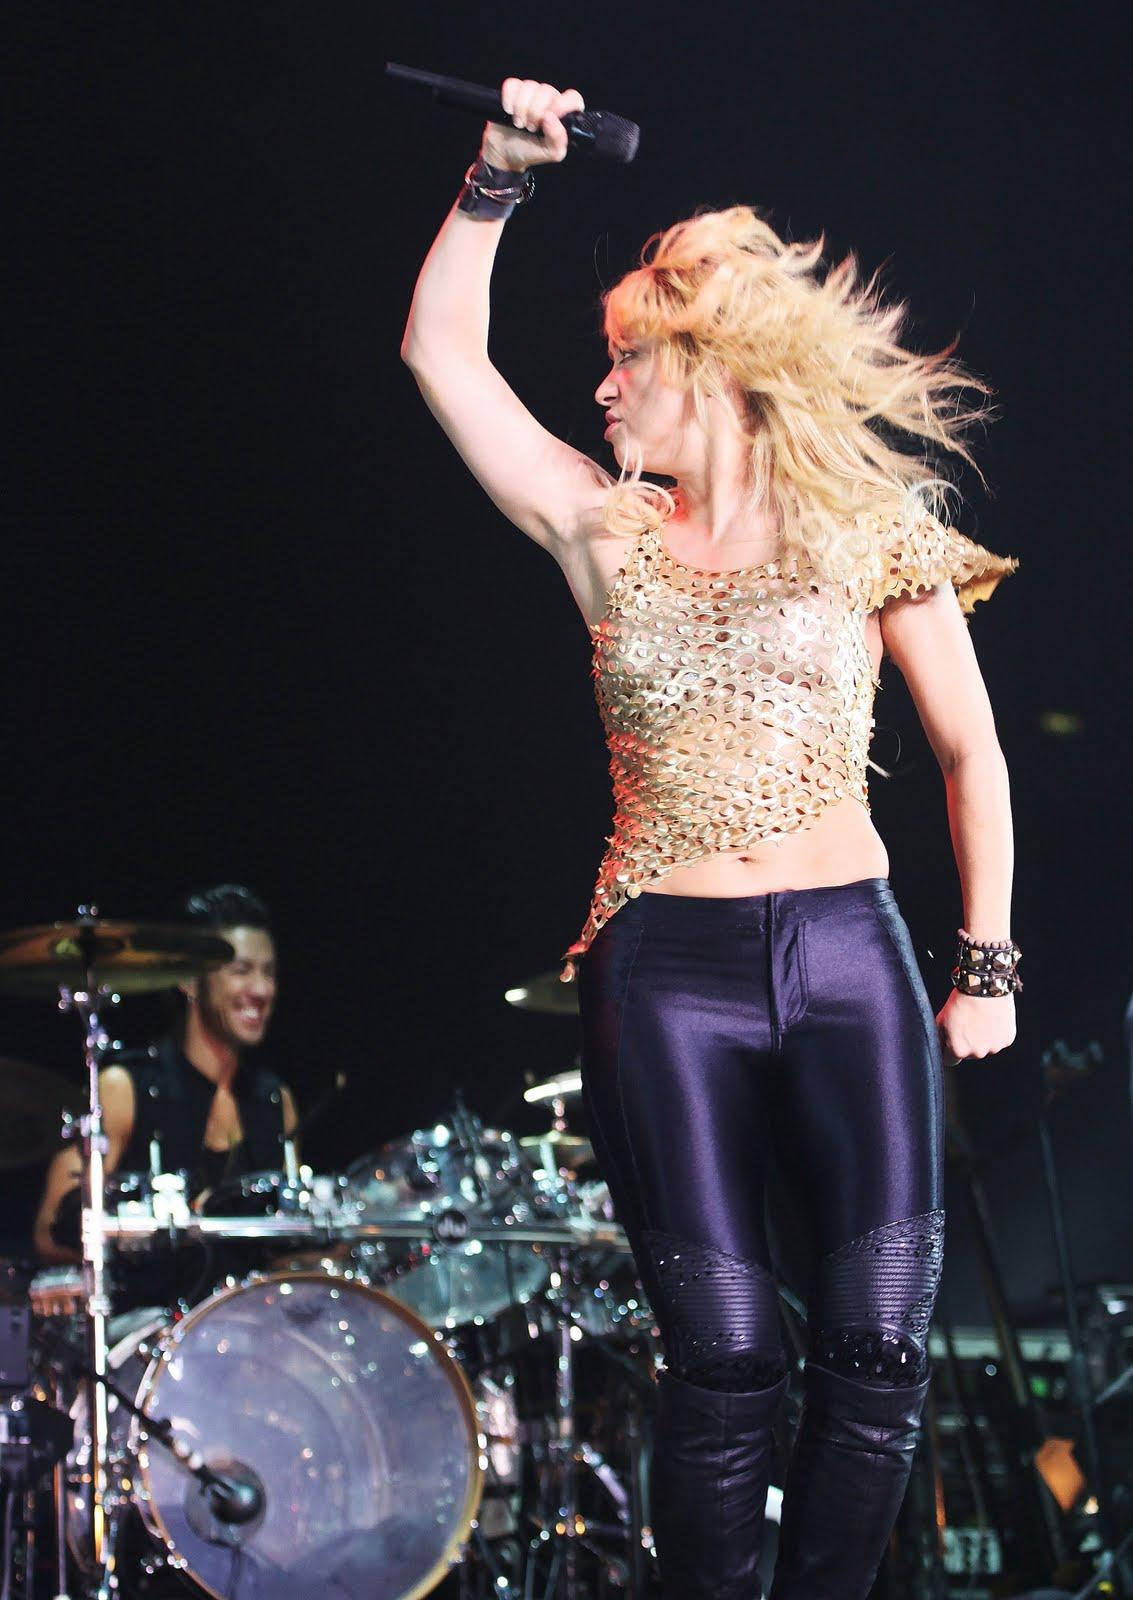 Galería » Apariciones, candids, conciertos... 78213_Shakira_PerformingliveinAssagoForuminMilanItalyMay32011_By_oTTo1_122_676lo